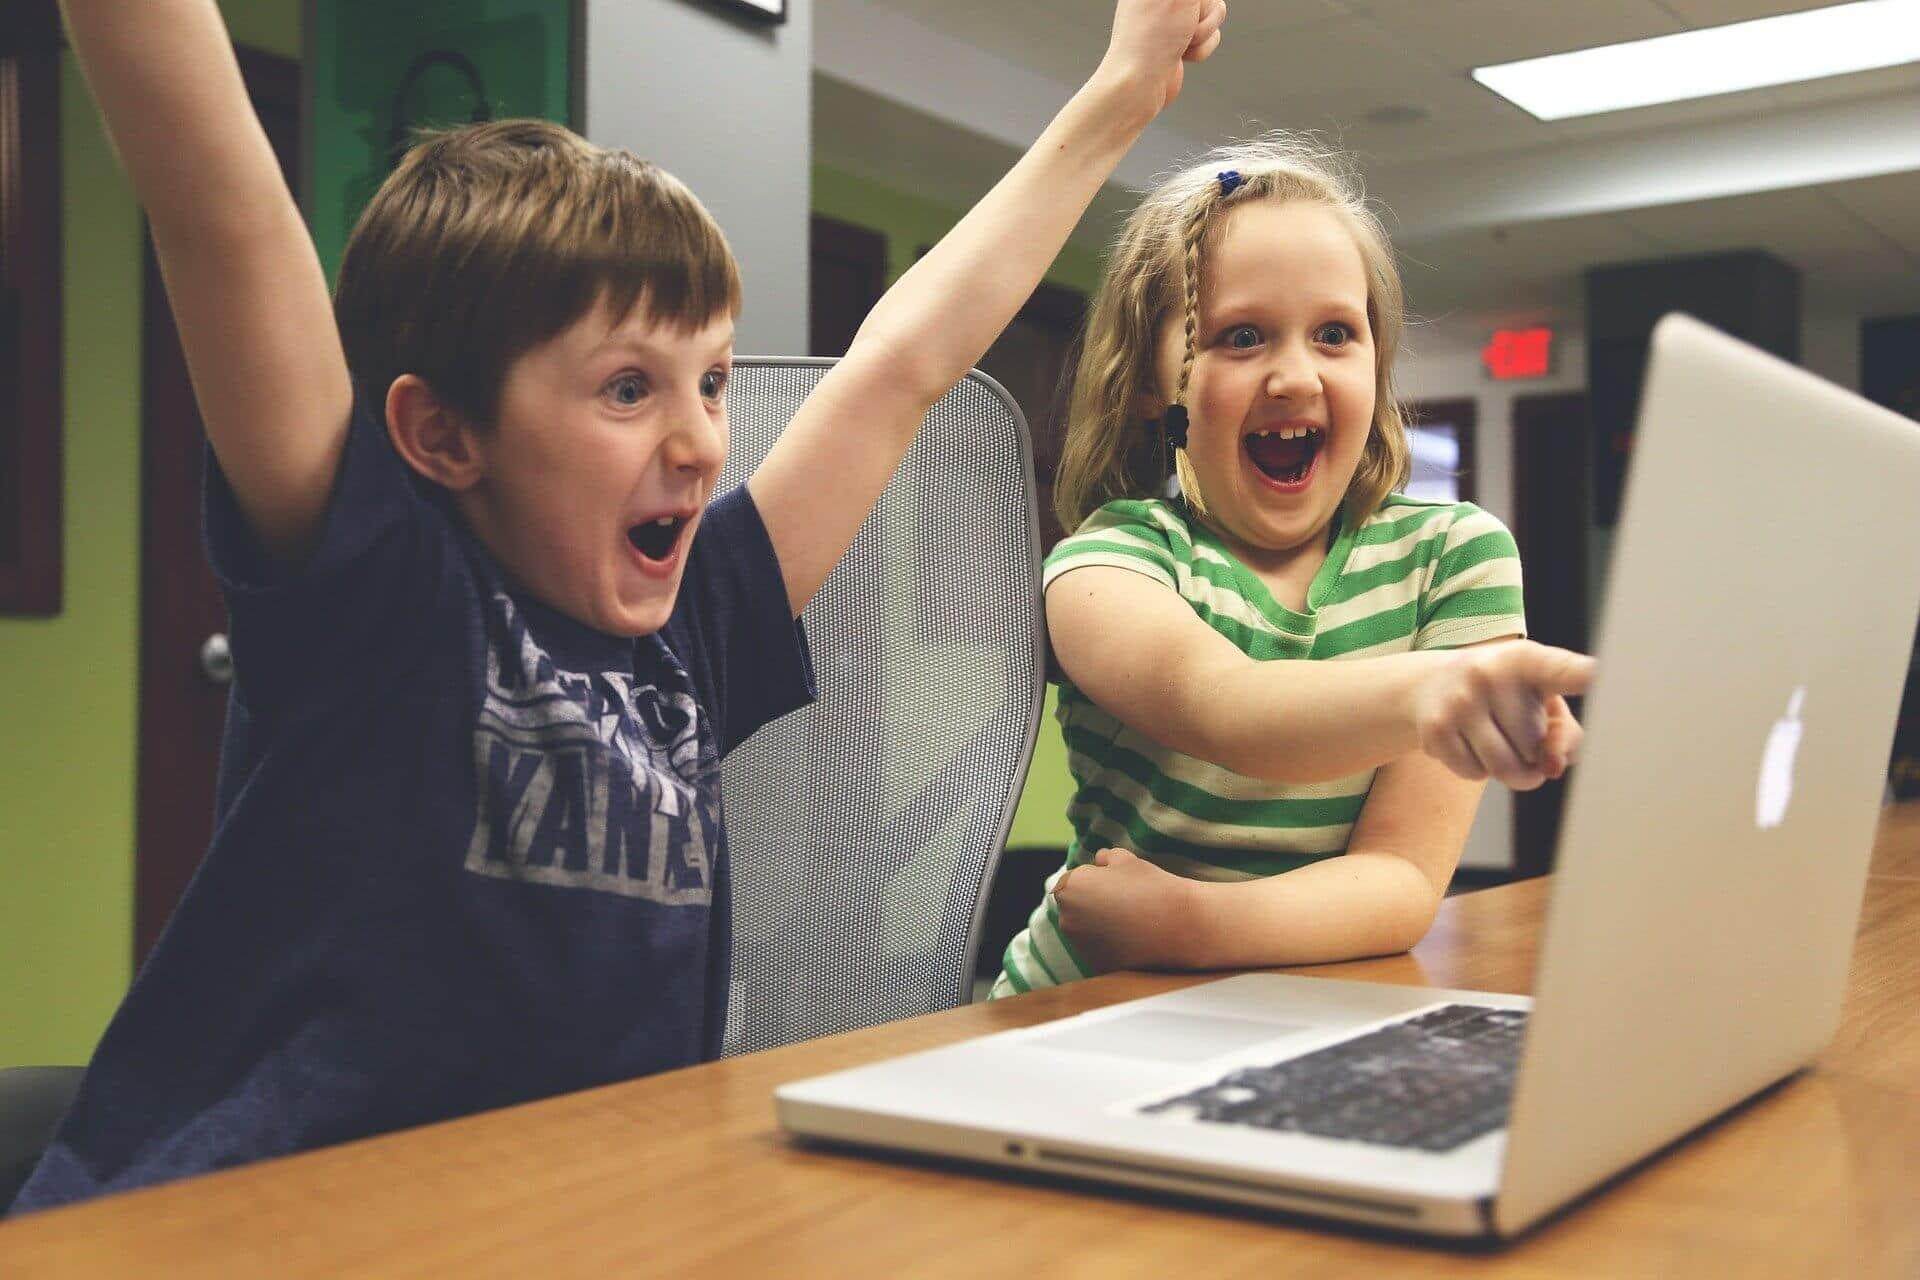 مخاطر نشر صور أطفالك على مواقع التواصل الاجتماعي